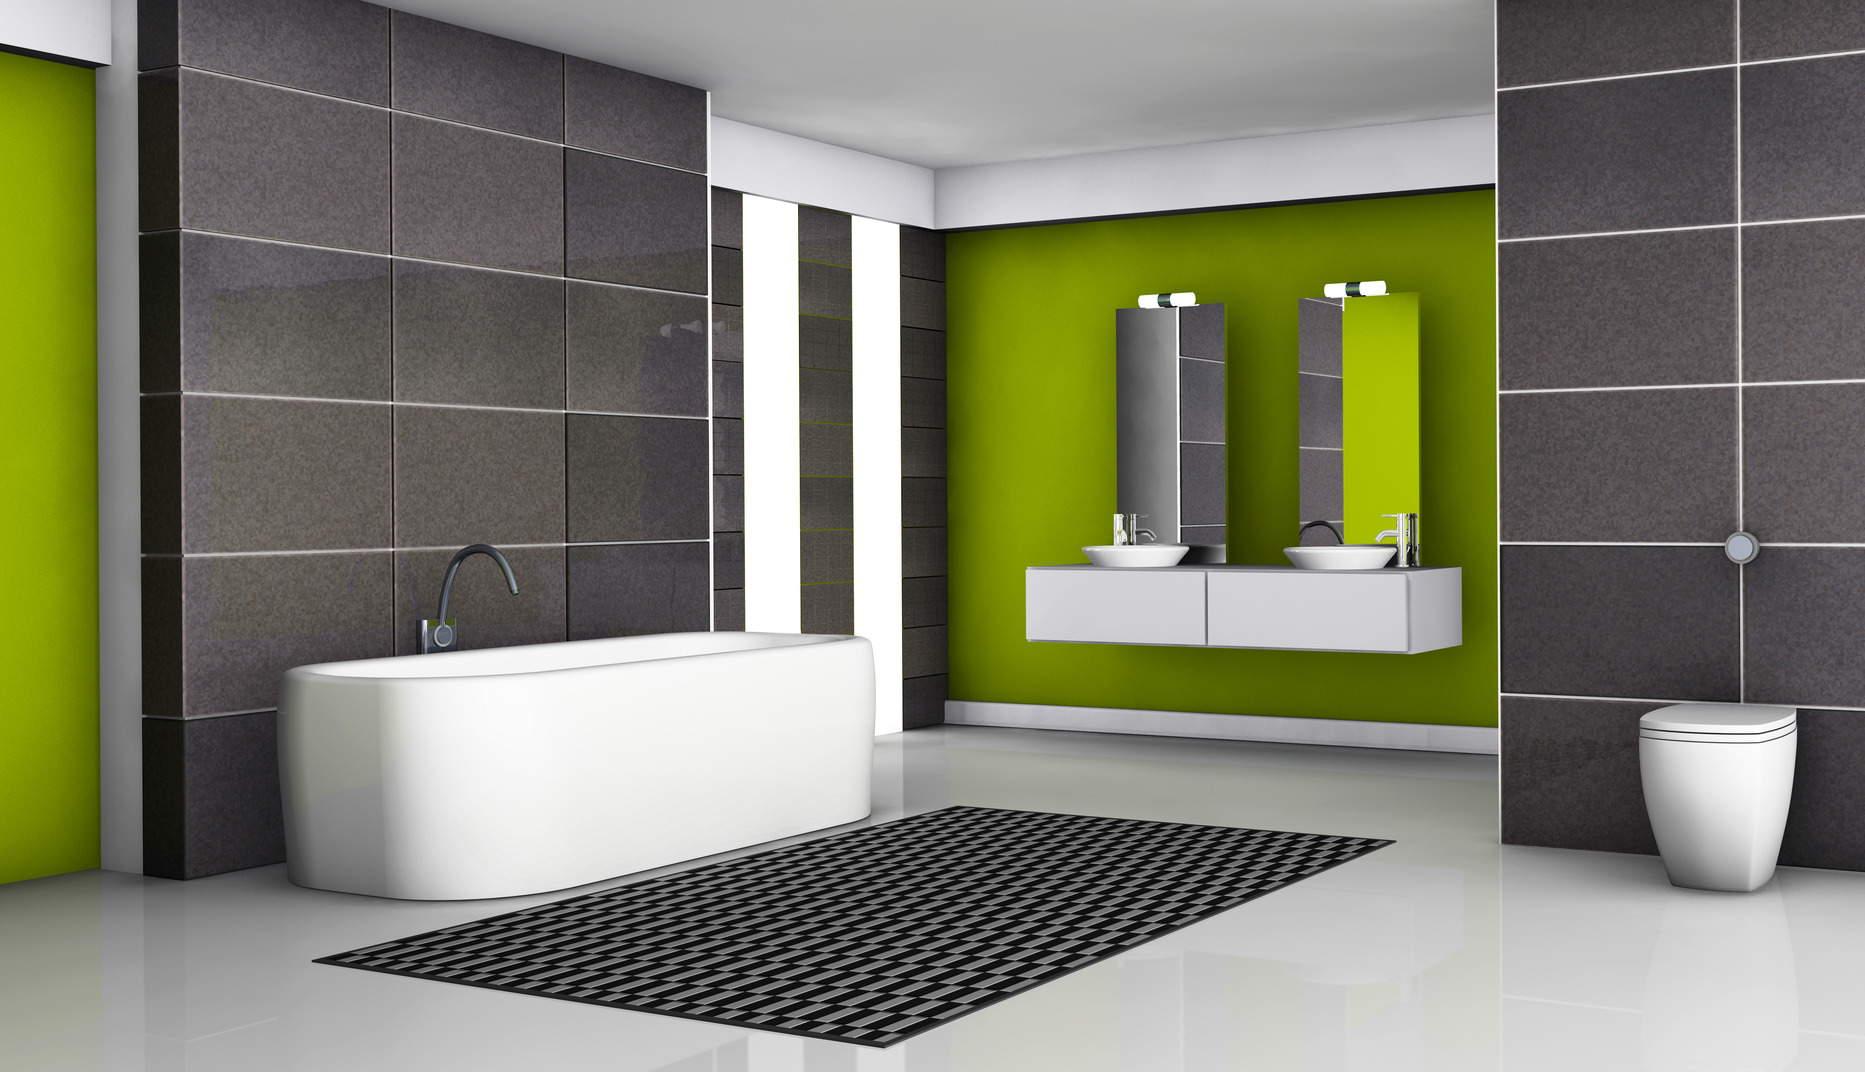 Modna I Funkcjonalna łazienka Jakie Płytki Warto Wybrać